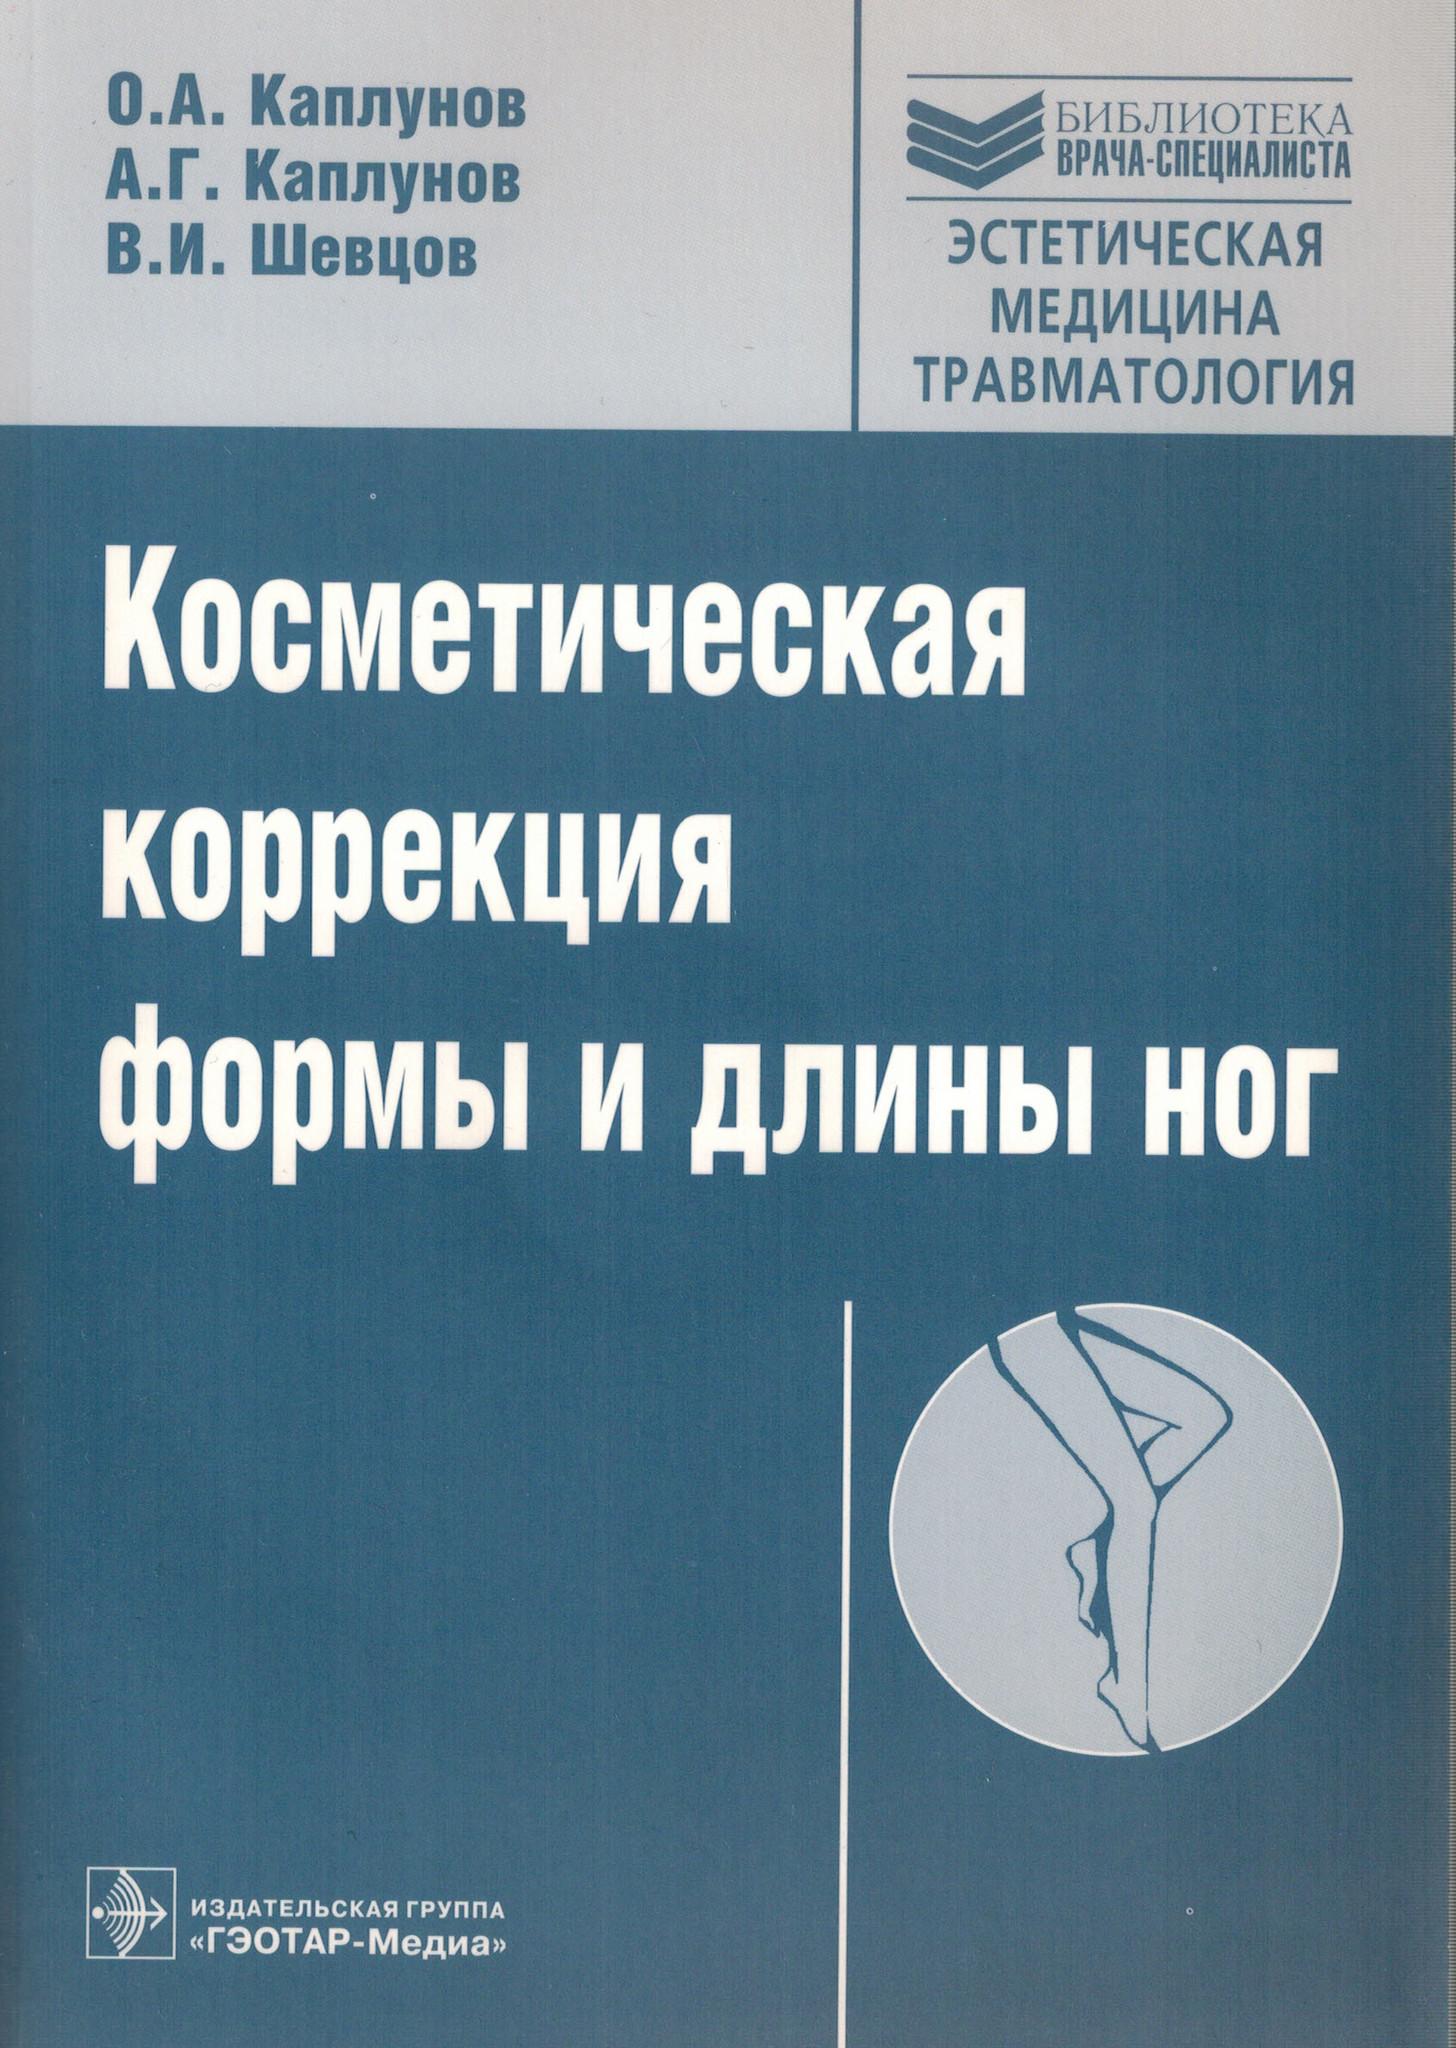 Конечности Косметическая коррекция формы и длины ног+CD (Серия Библиотека врача-специалиста ) kkf.jpg